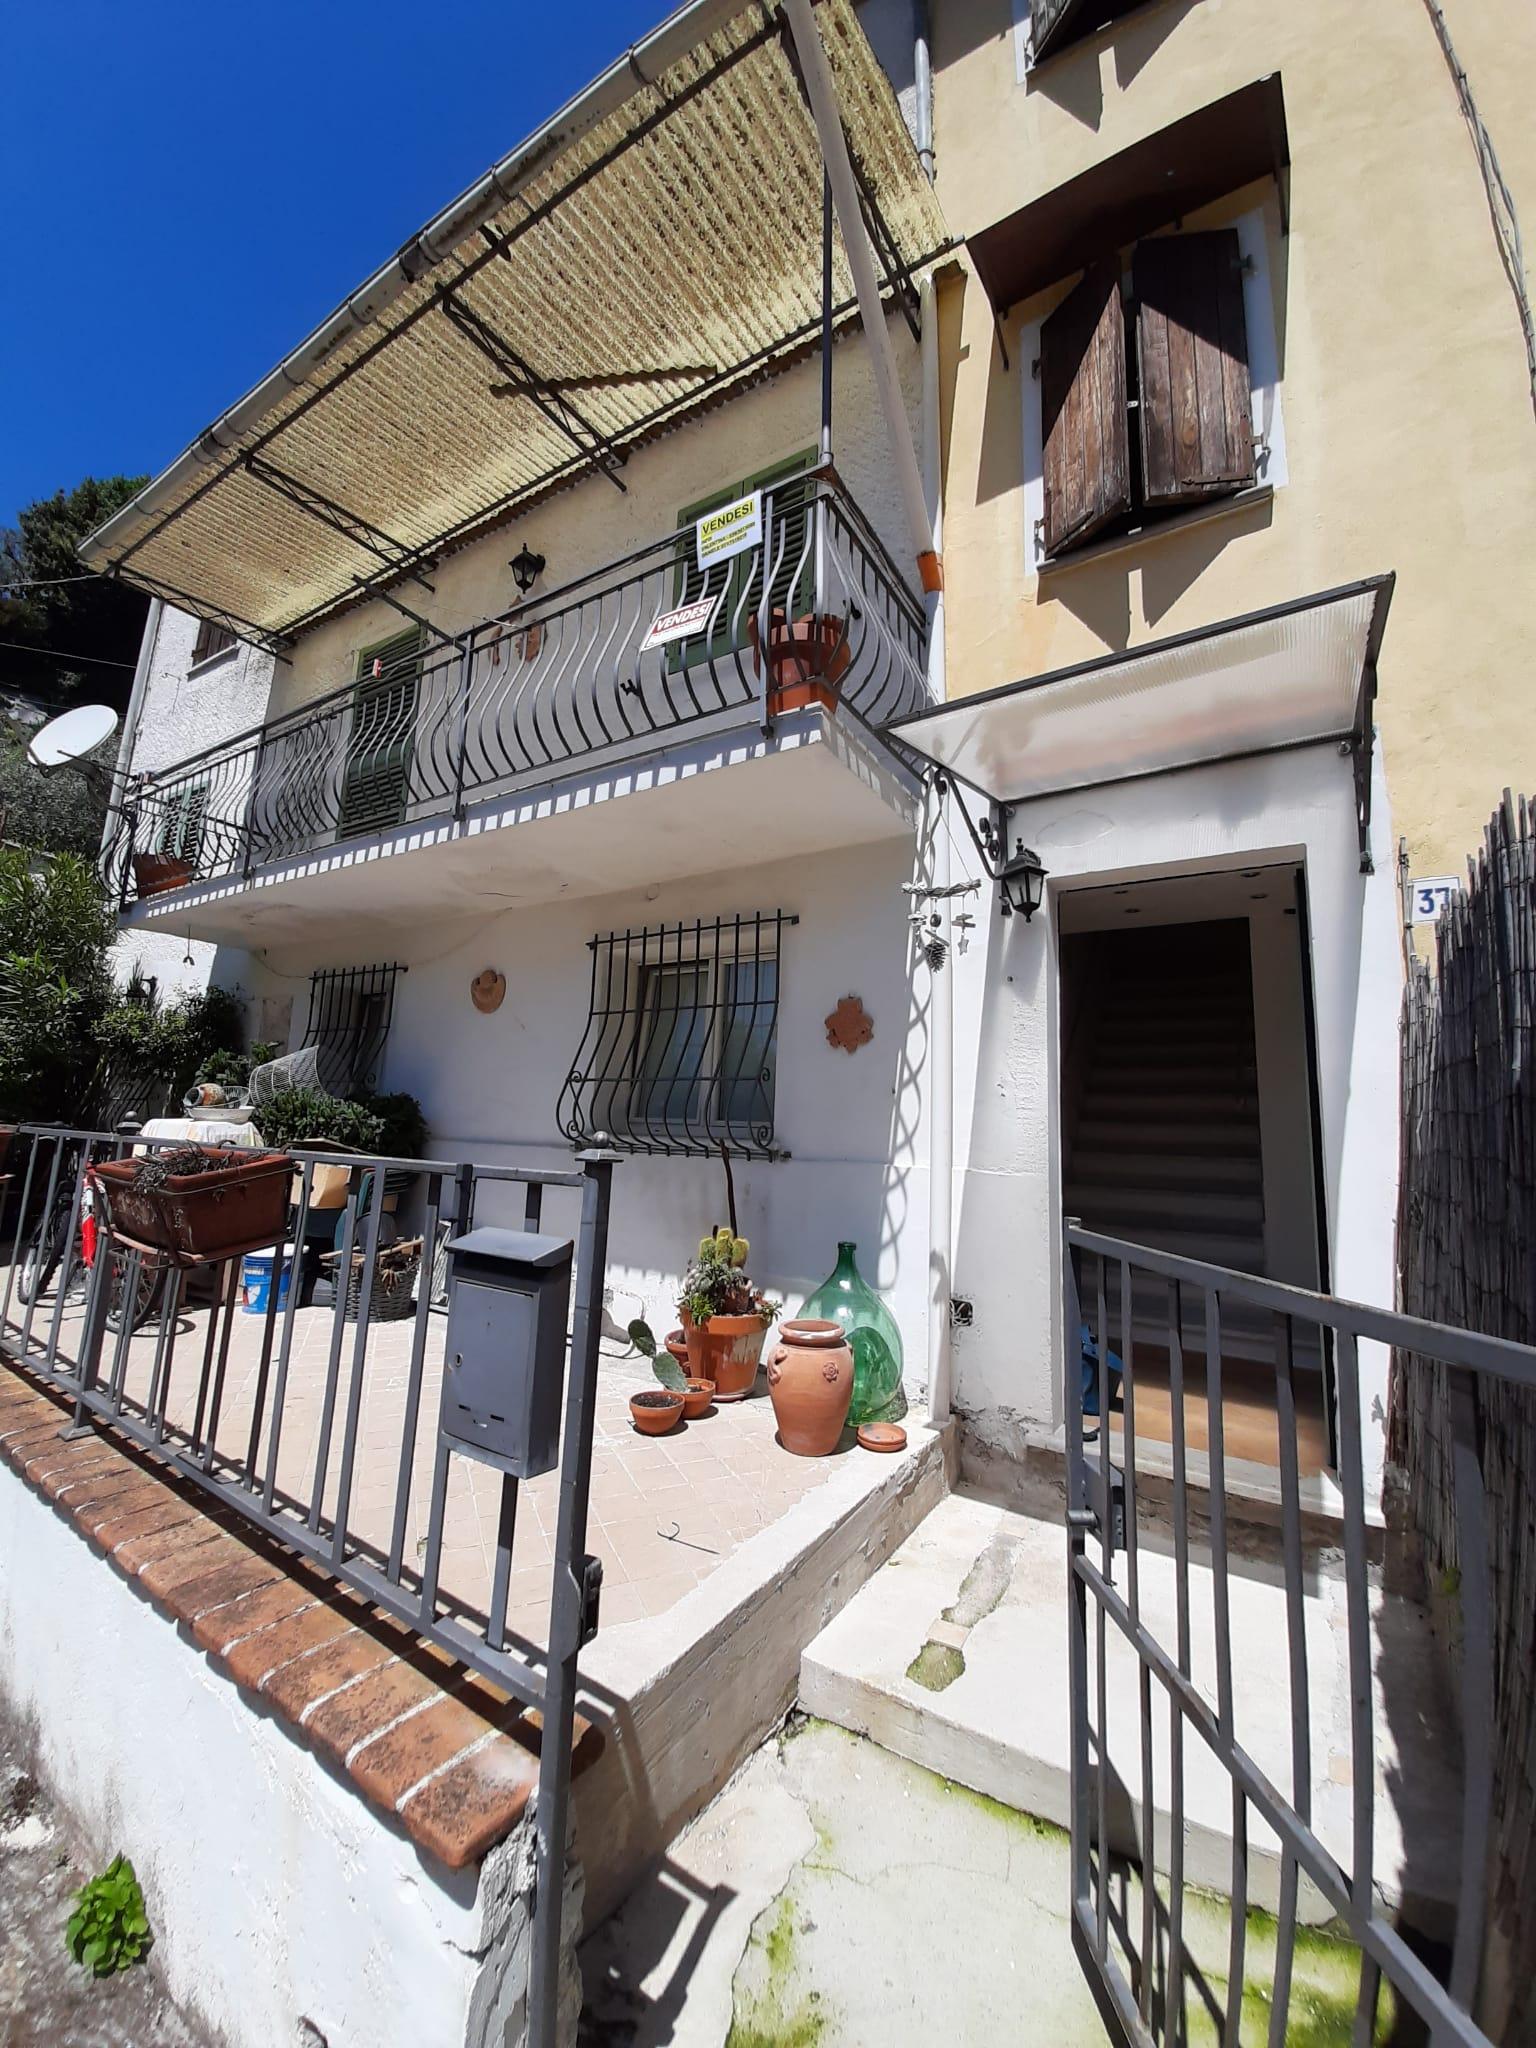 Small semi-detached house in Montignoso